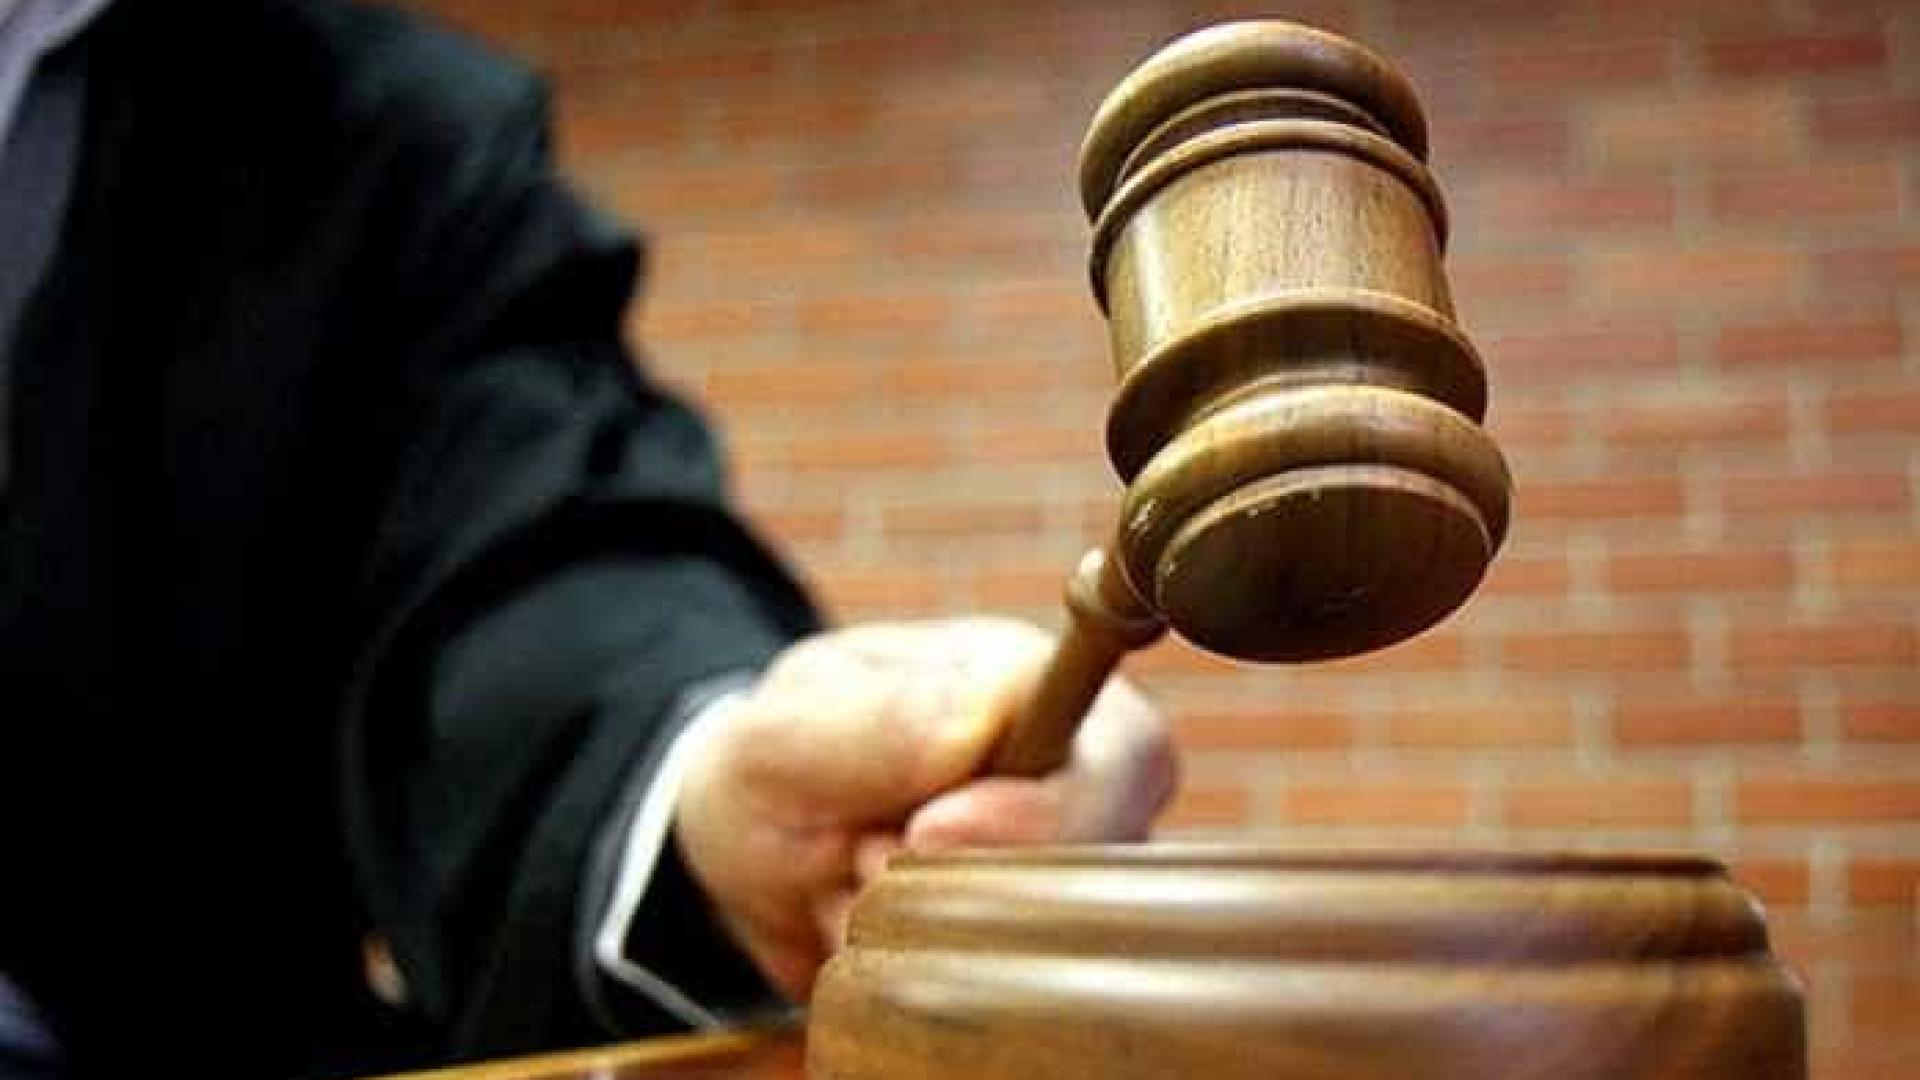 Com 20% dos cargos vagos, país registra déficit de 4.400 juízes